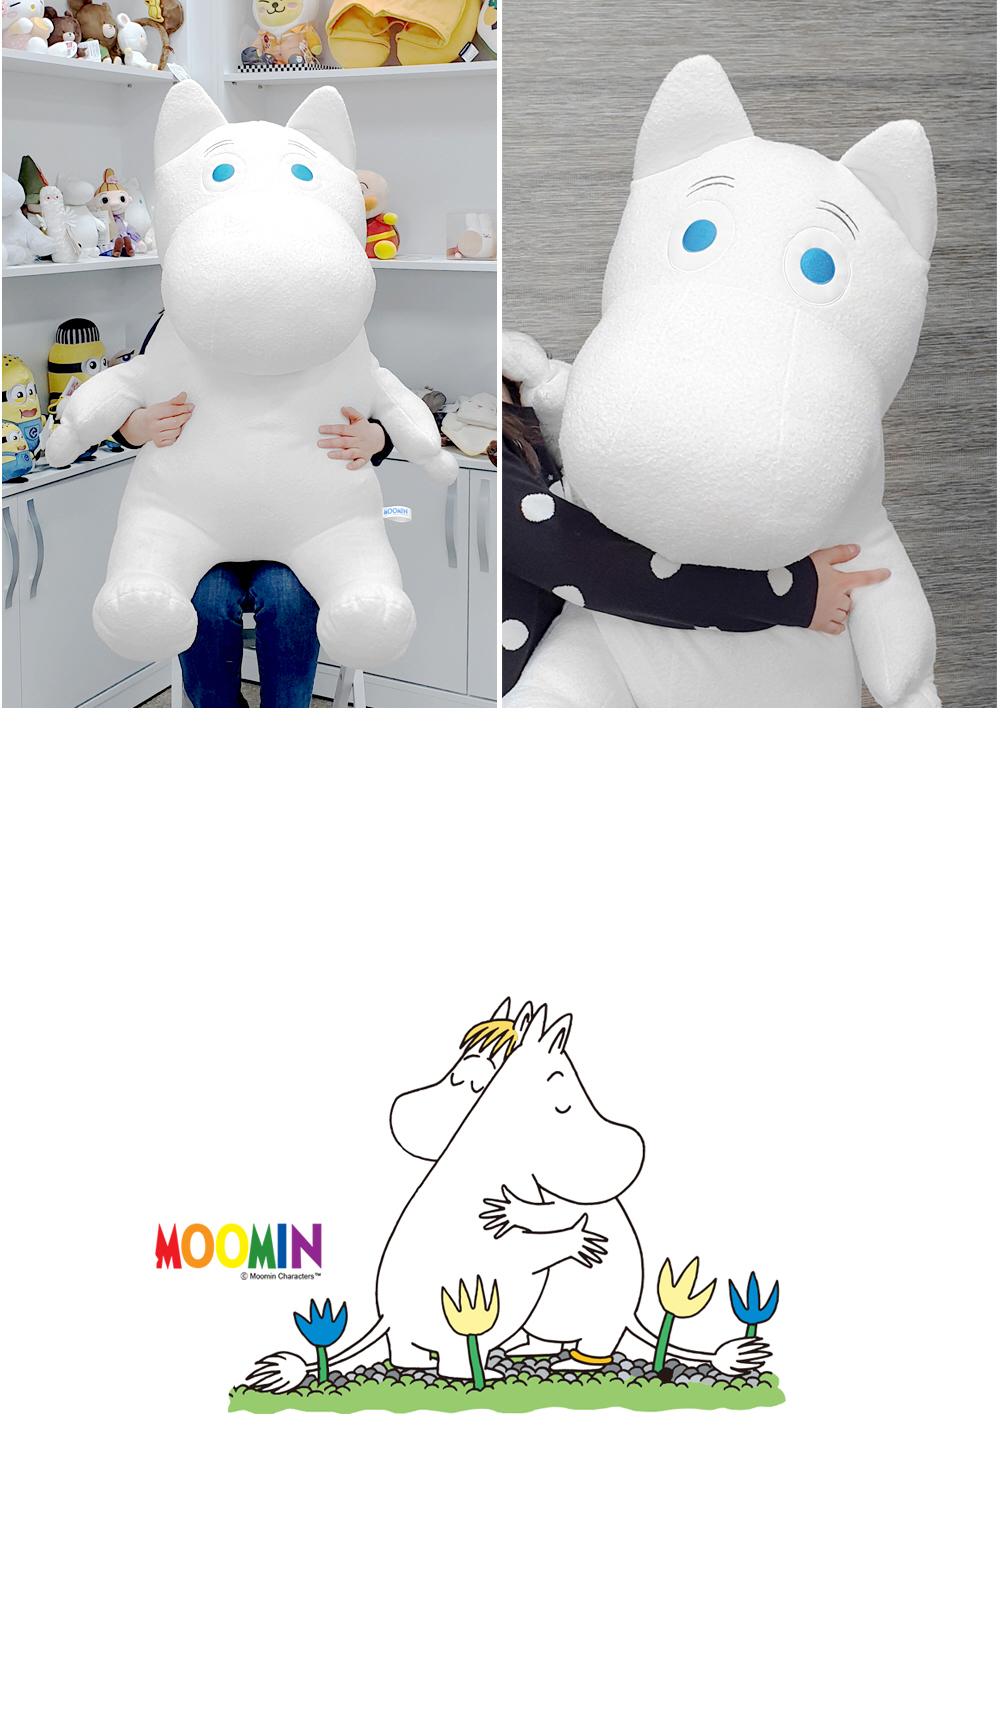 무민(moomin) 120cm 초대형 인형 - 무민, 120,000원, 빅사이즈인형, 120cm~140cm